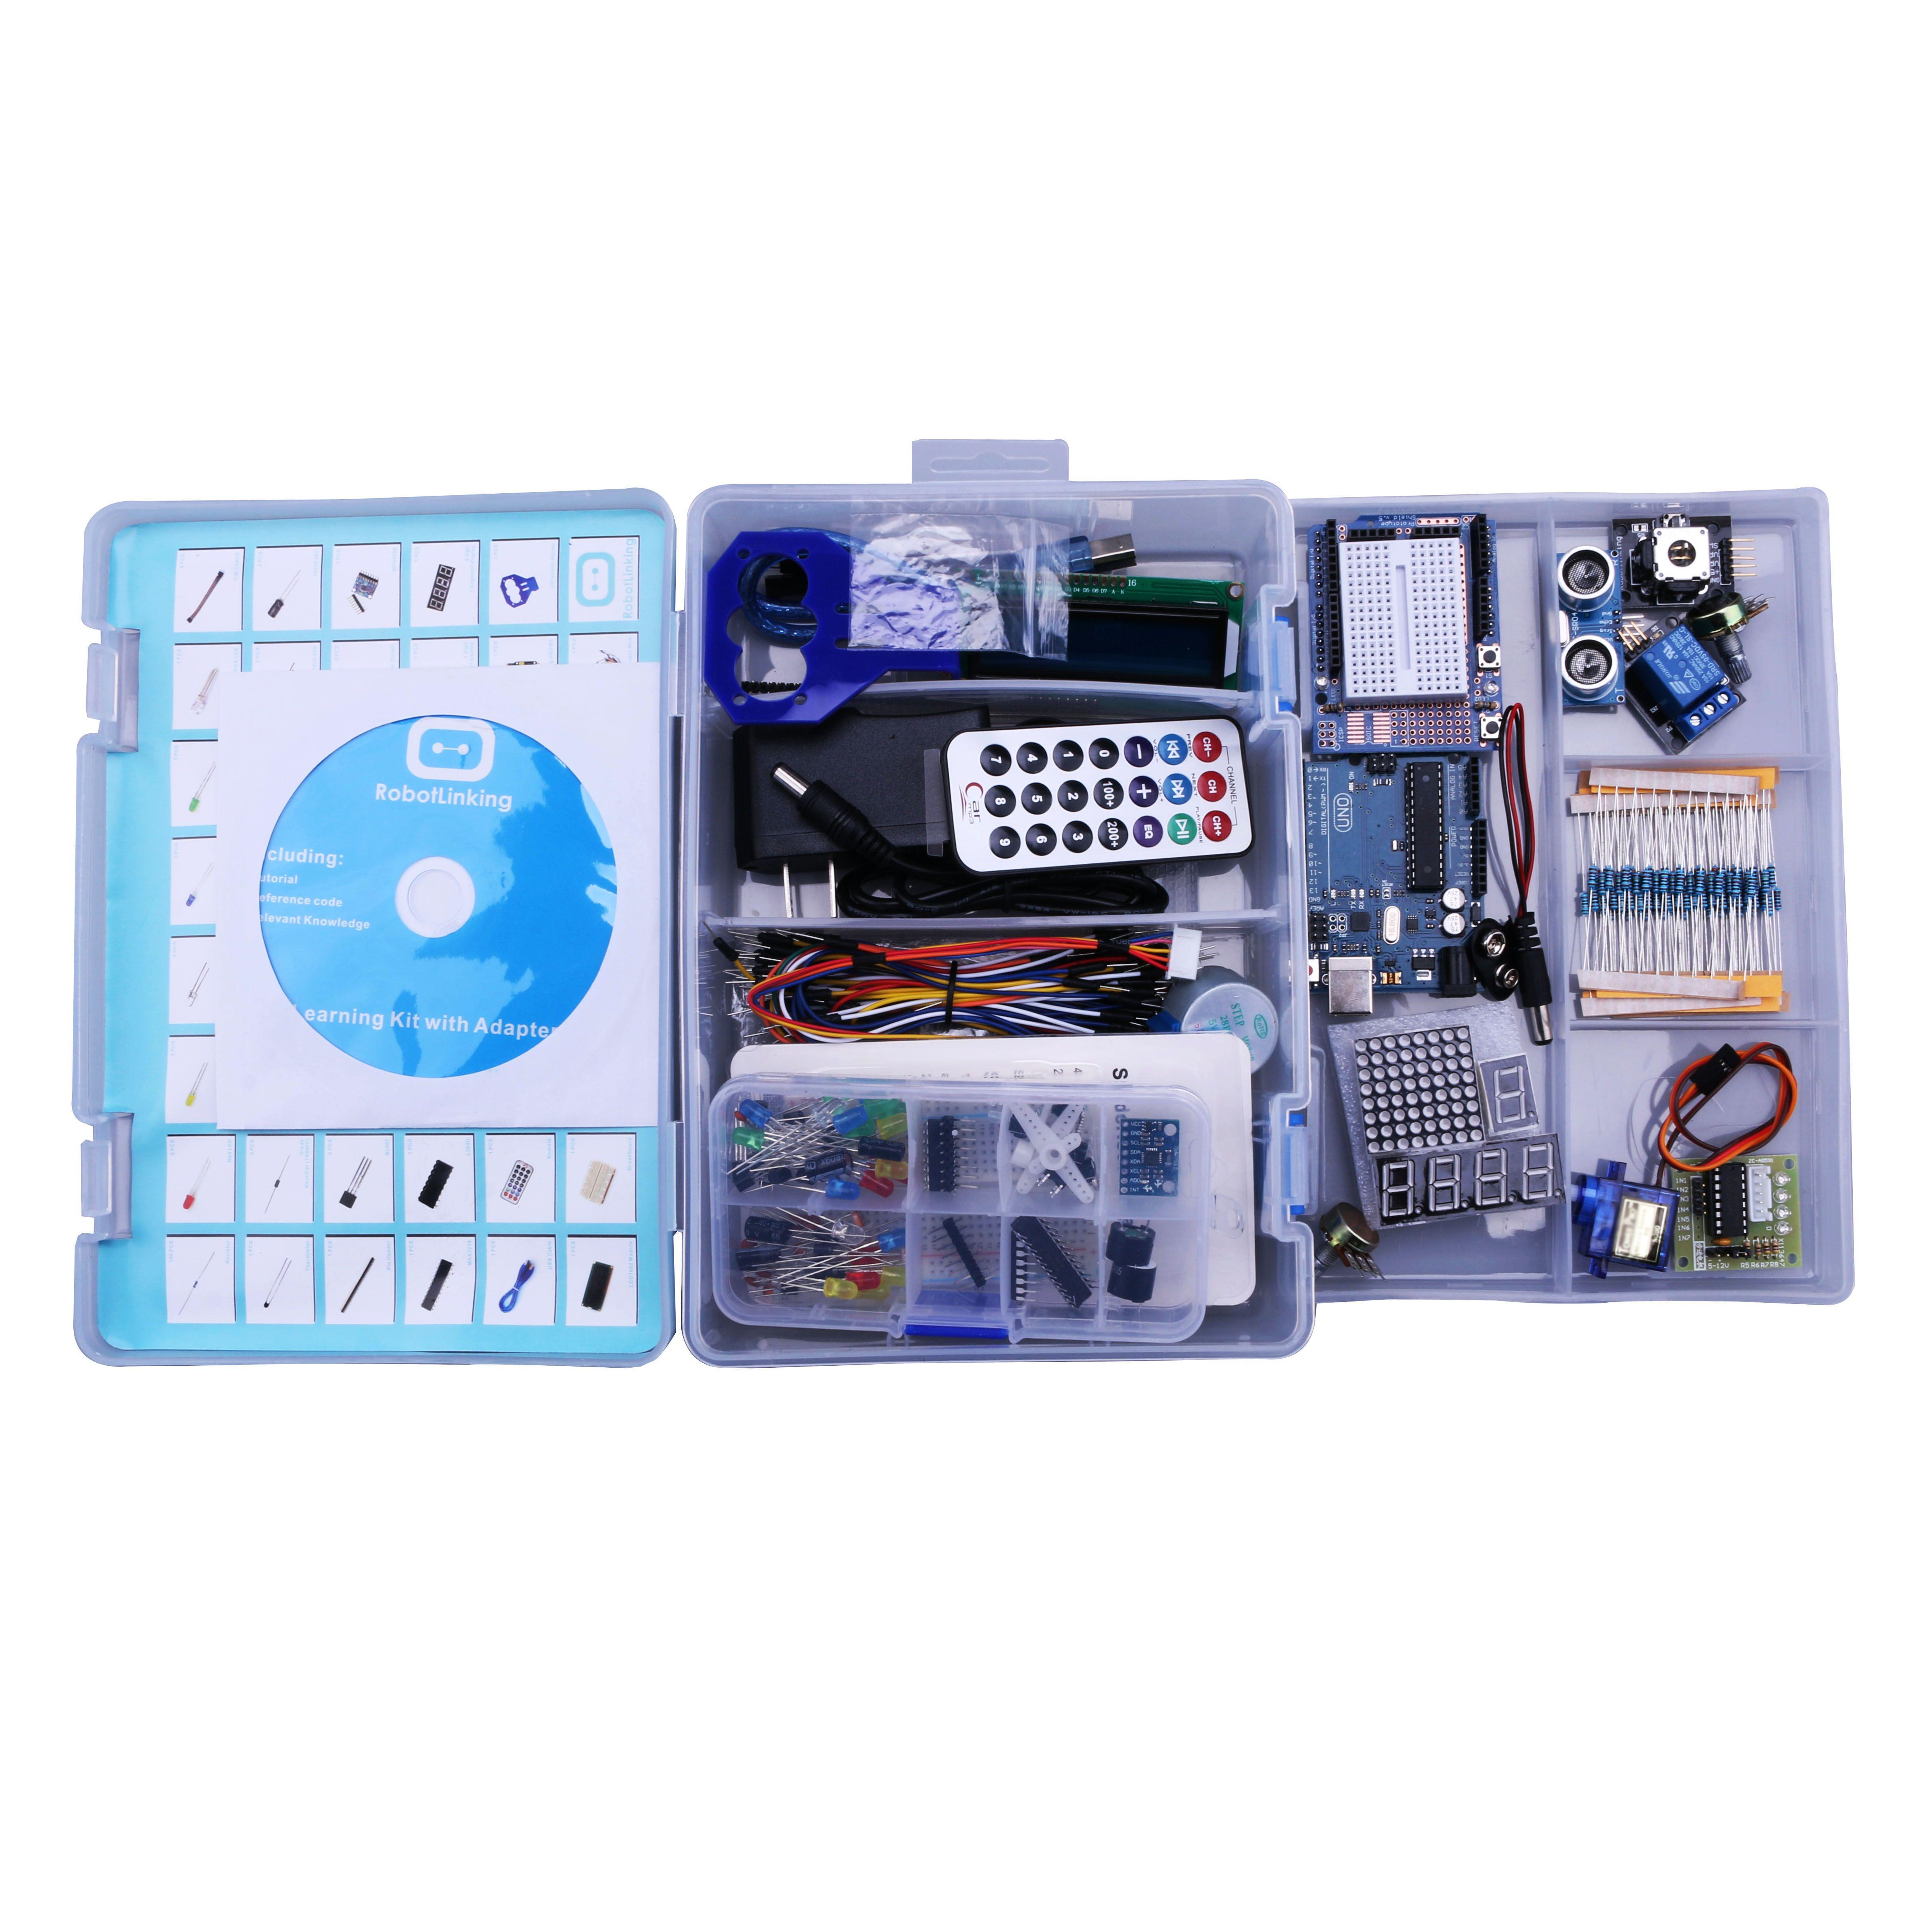 Elego UNO Projet La Plus Complete Starter DIY Kit pour Arduino UNO Mega2560 Nano avec Tutoriel/Alimentation/Moteur pas à pas